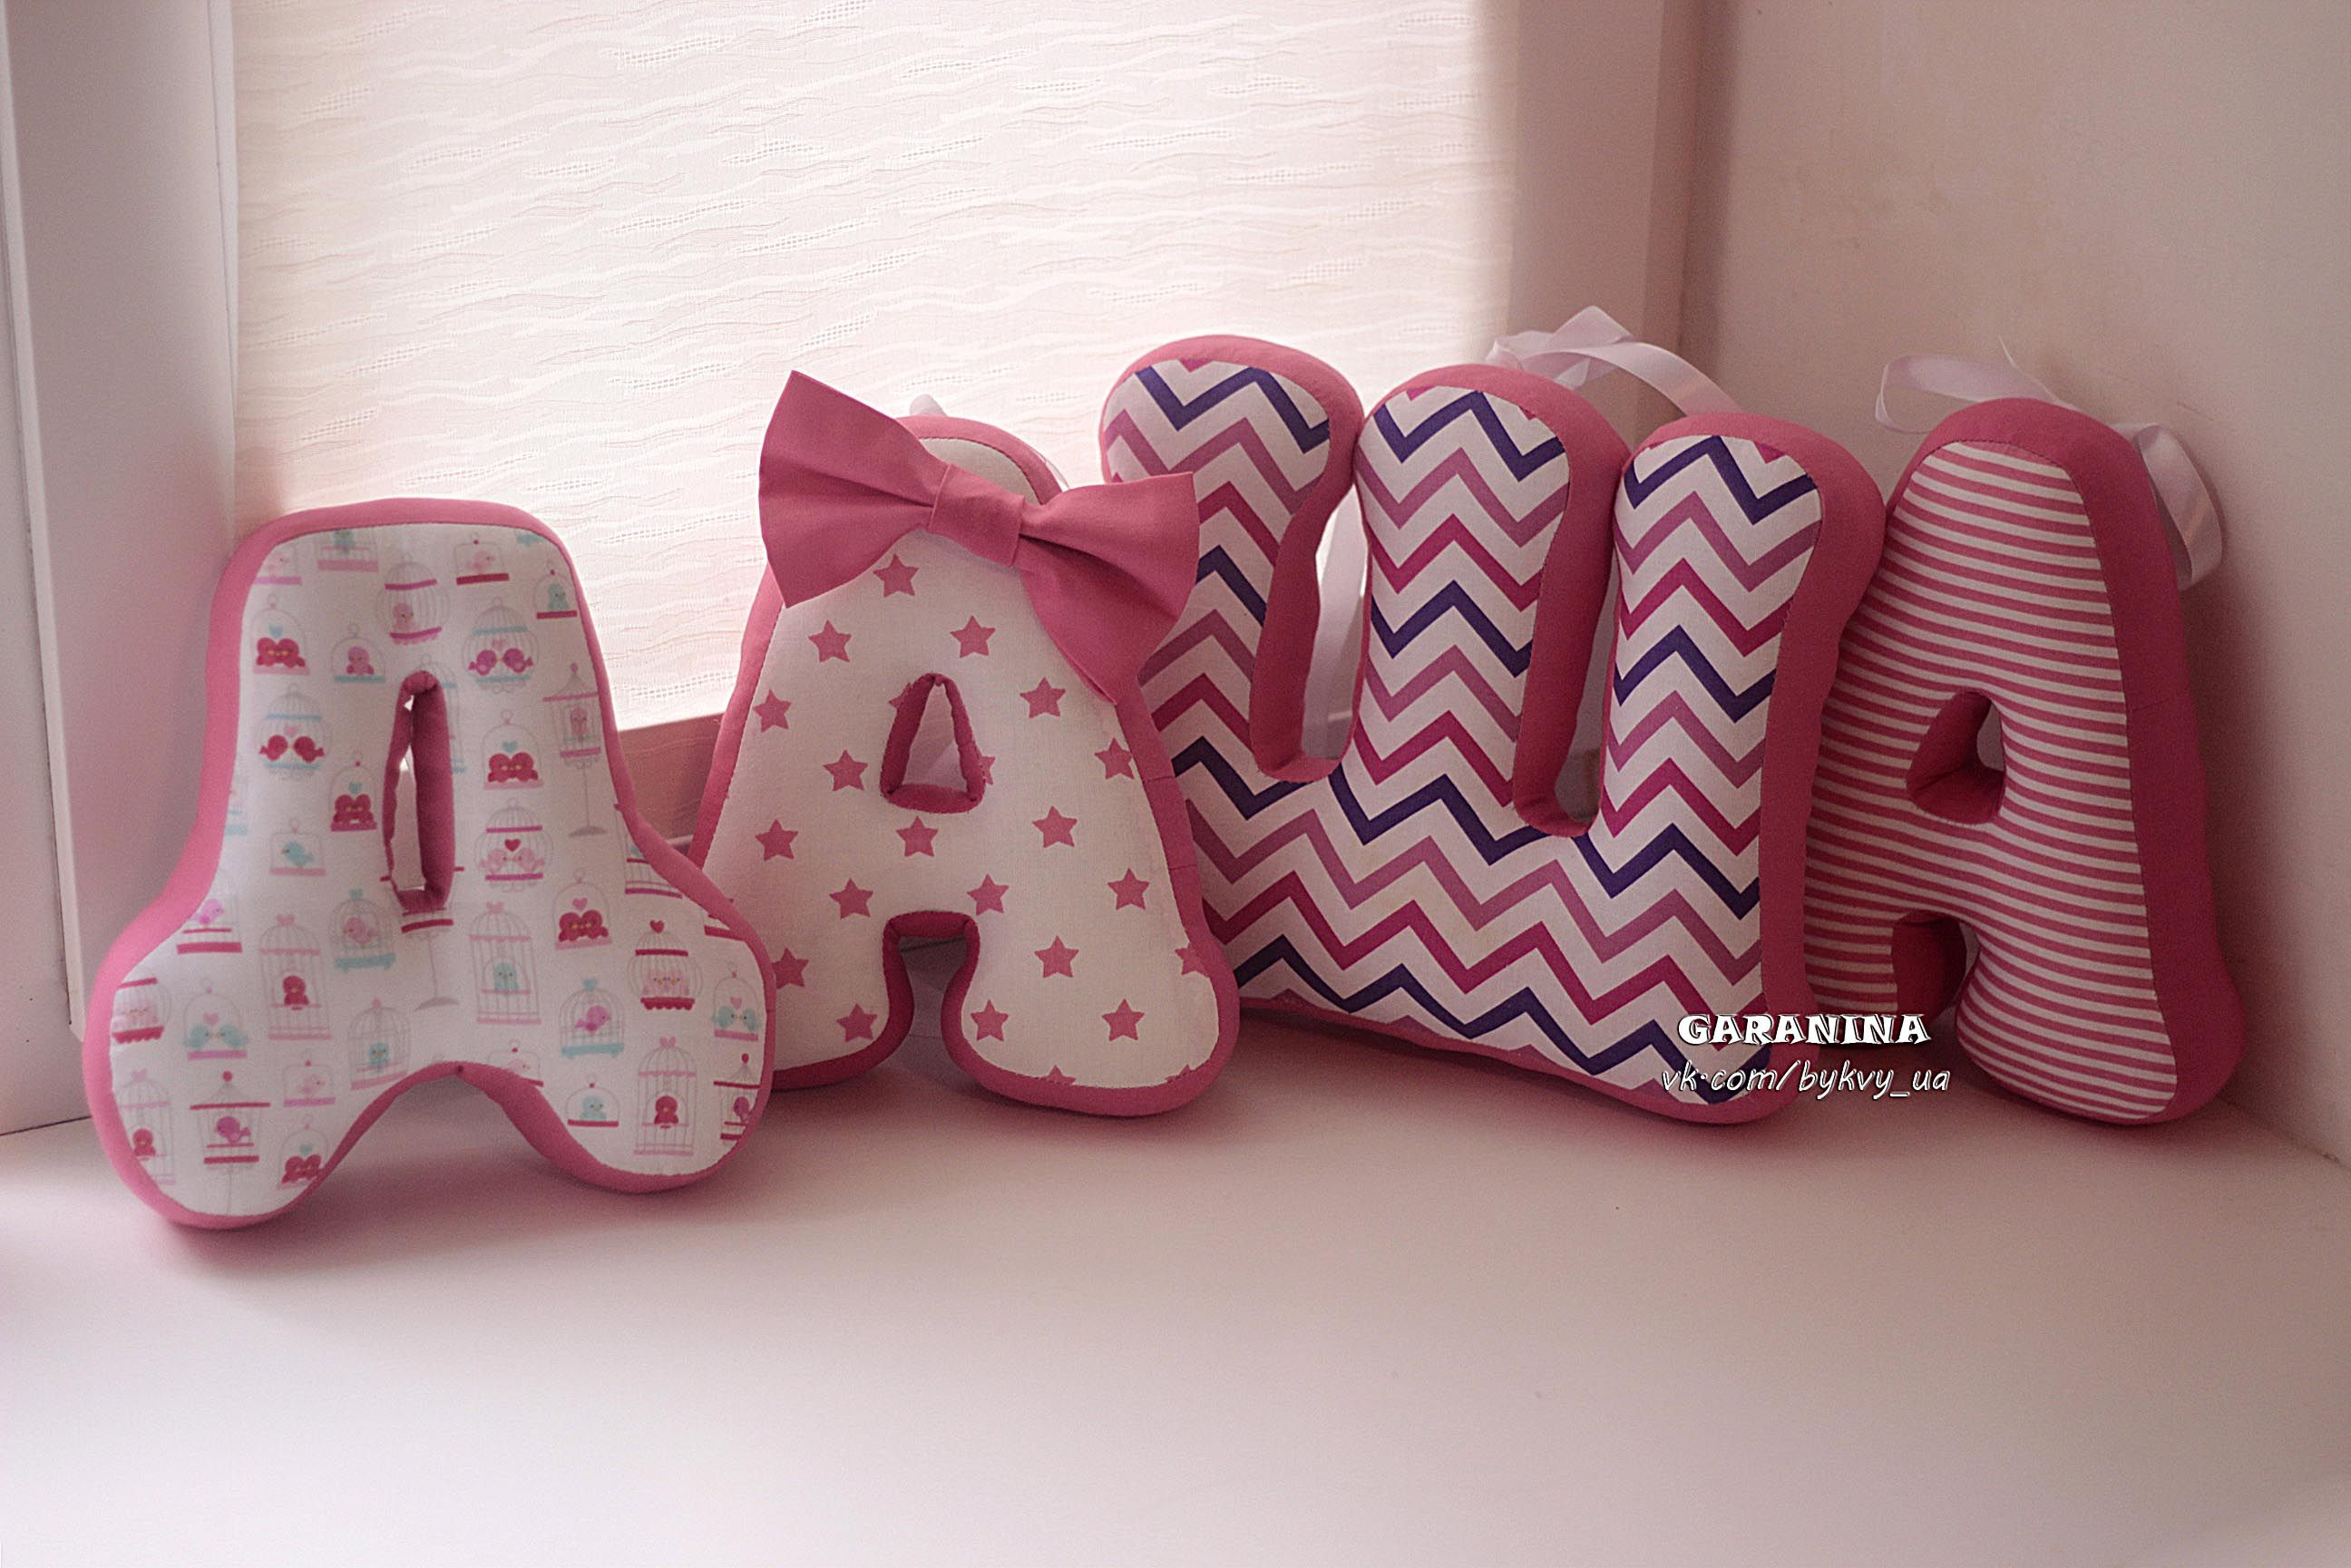 Буквы для детей мягкие своими руками